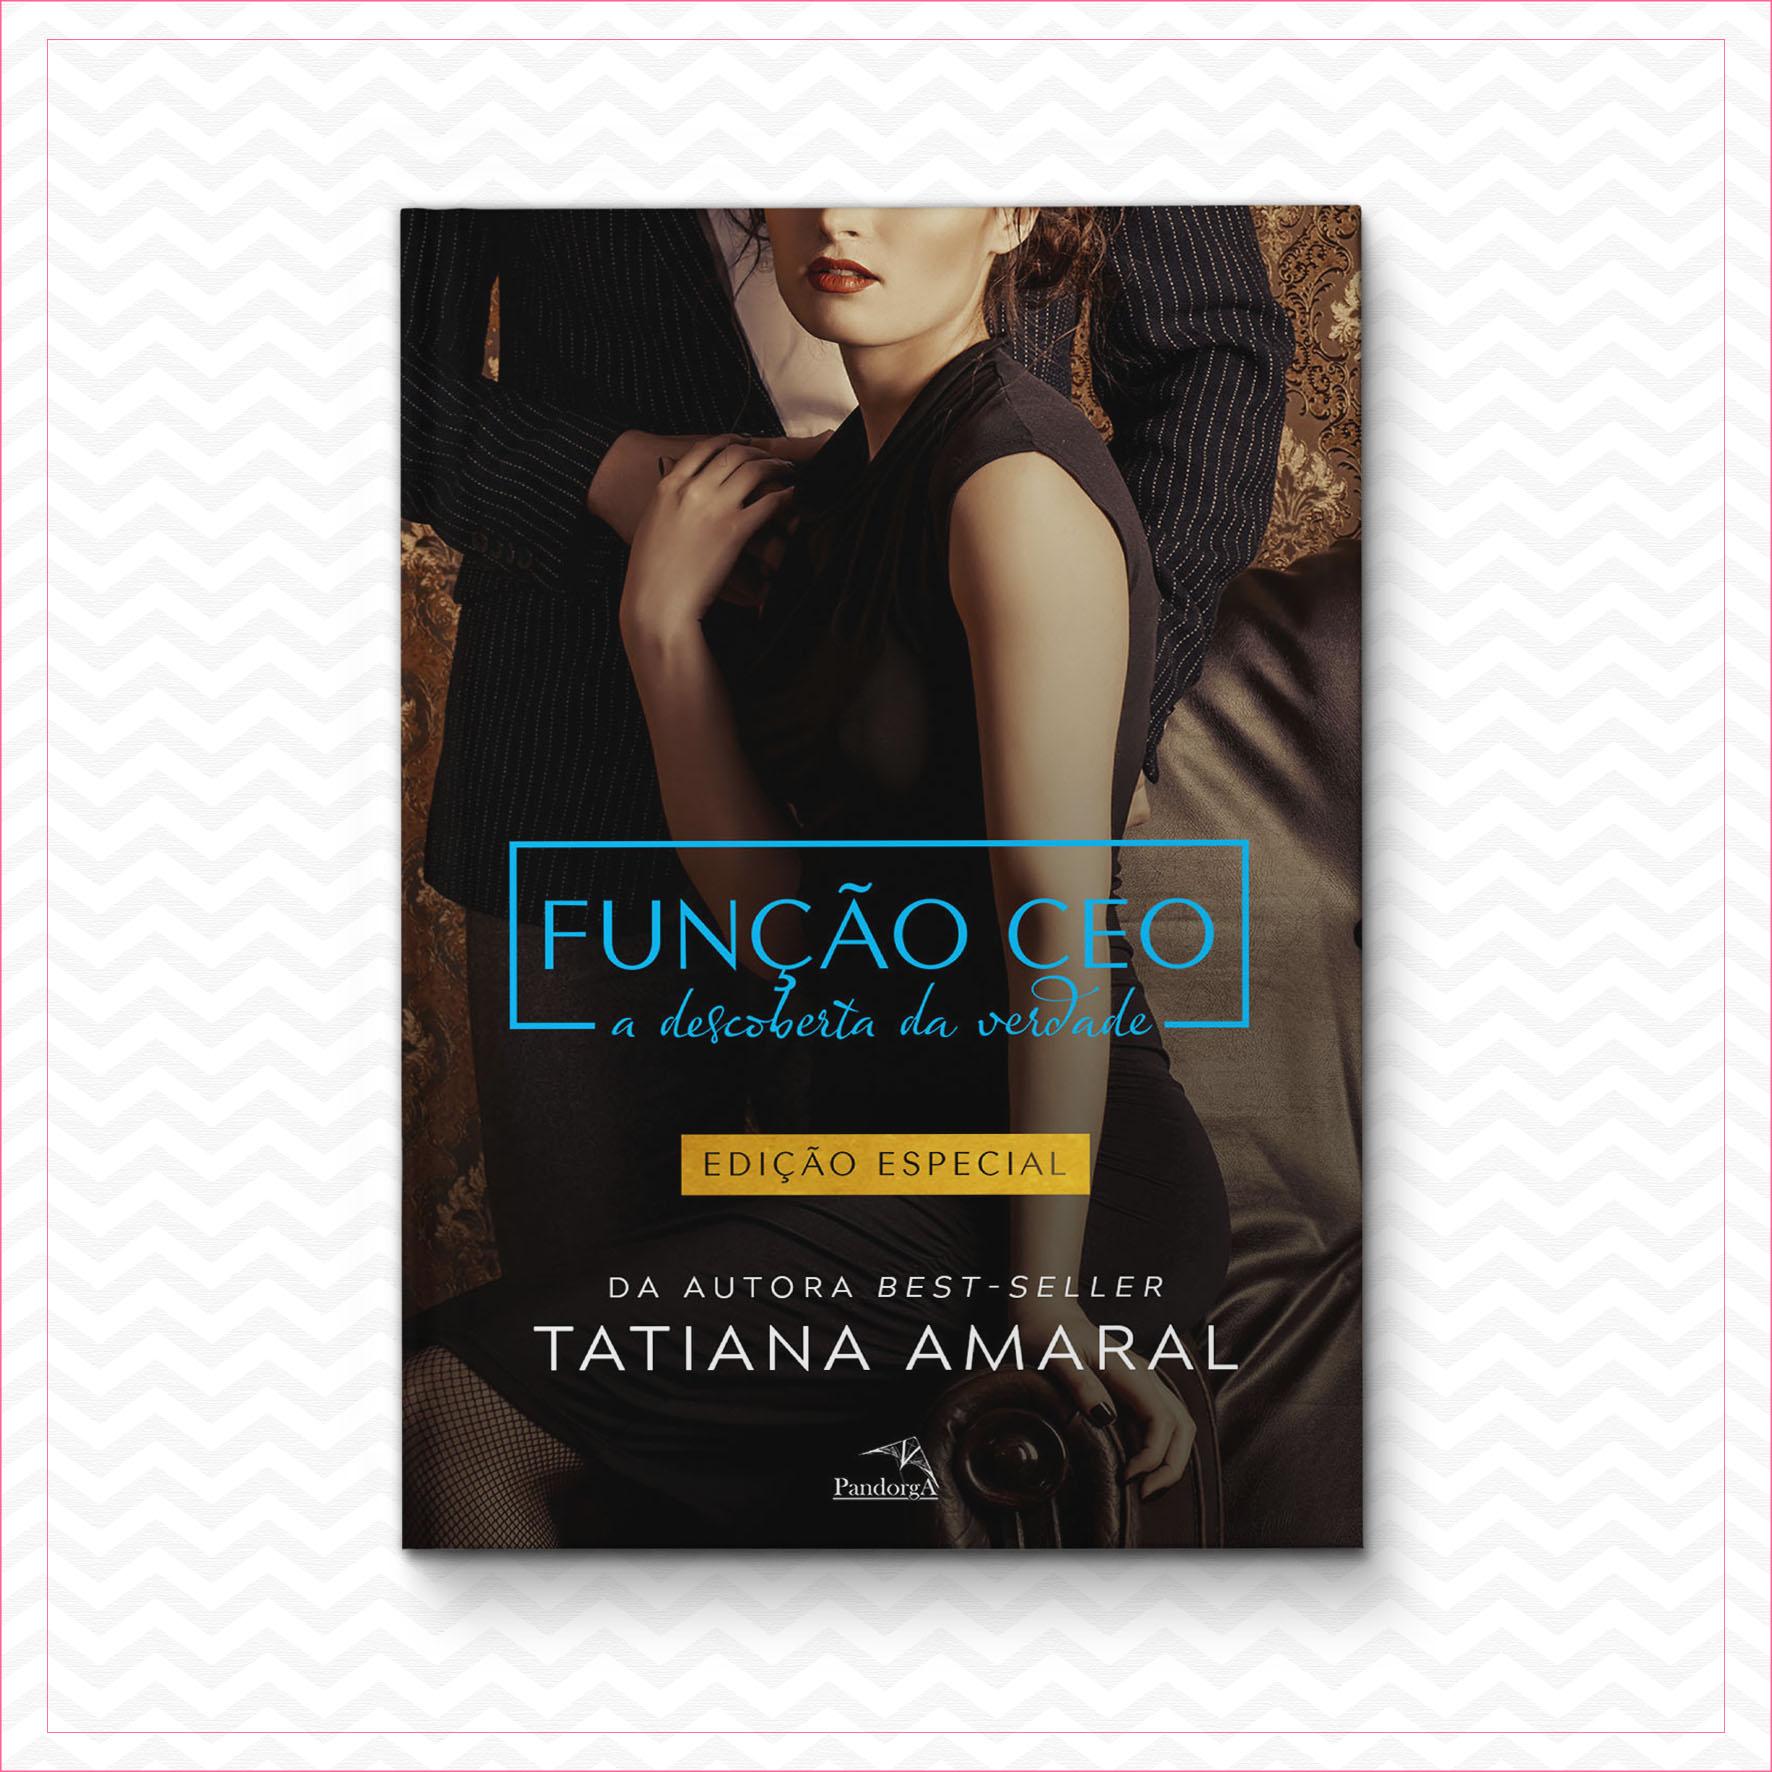 Função CEO 3 – Tatiana Amaral